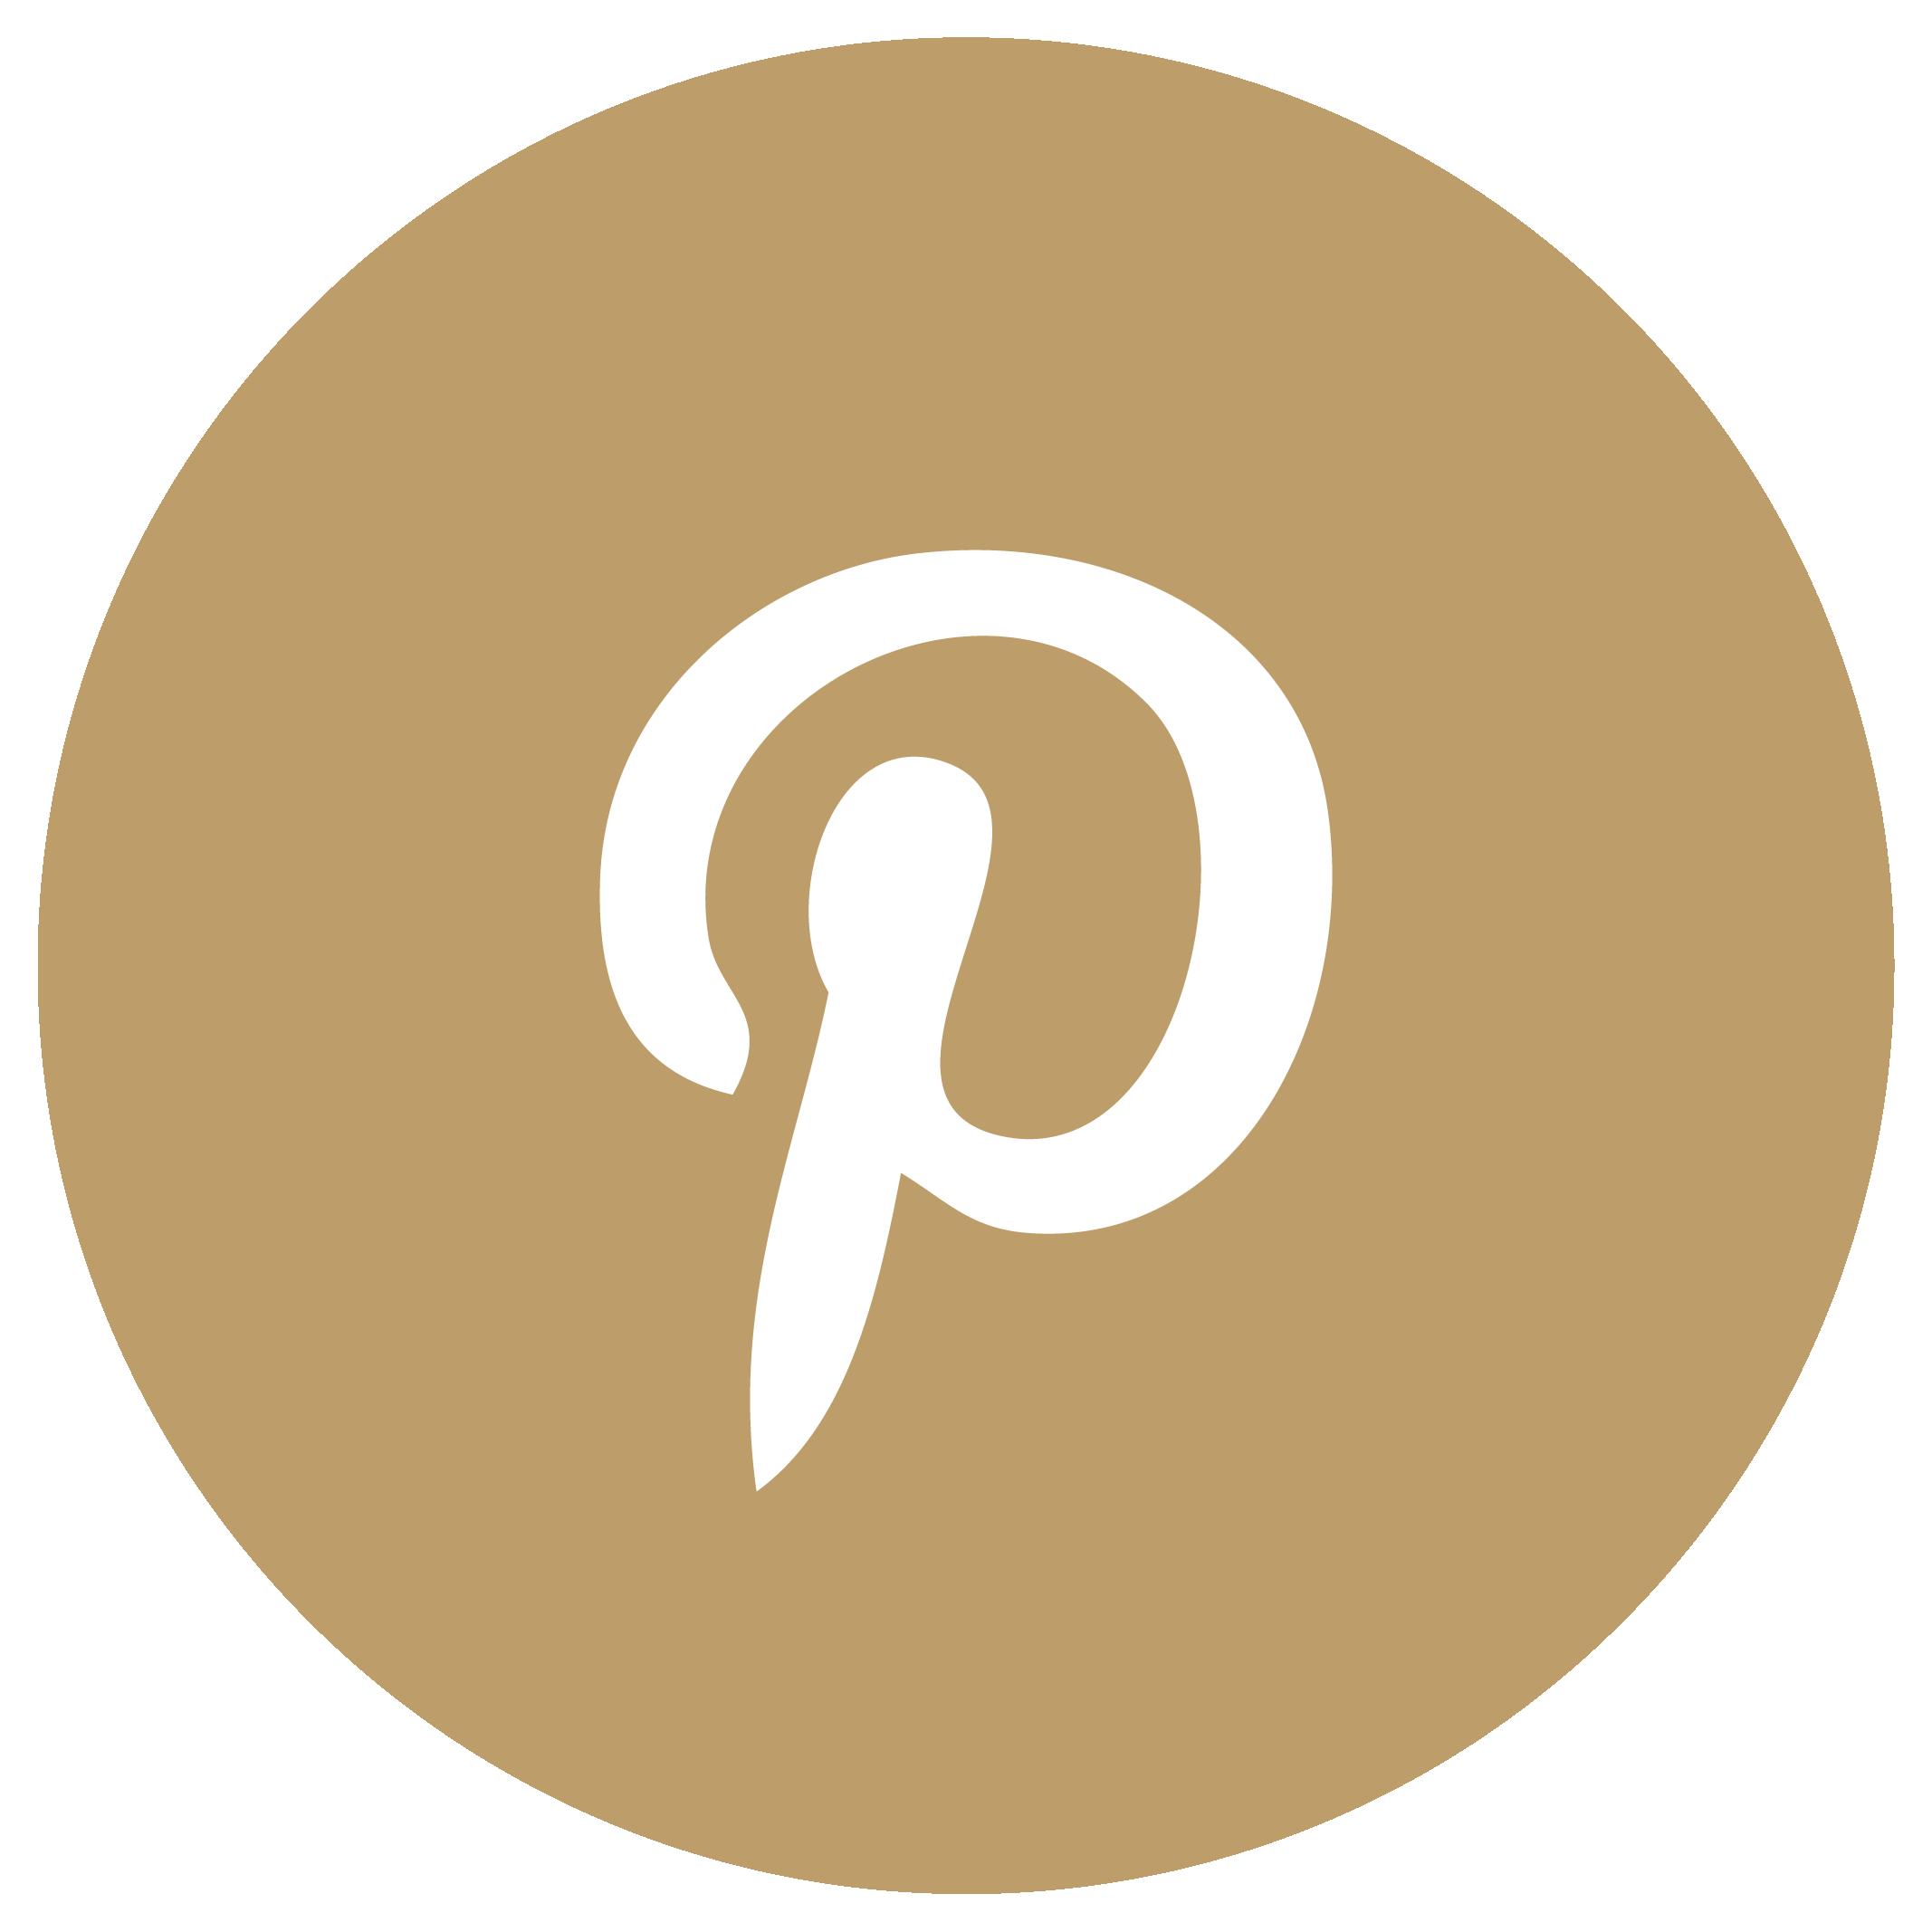 Icoon Pinterest